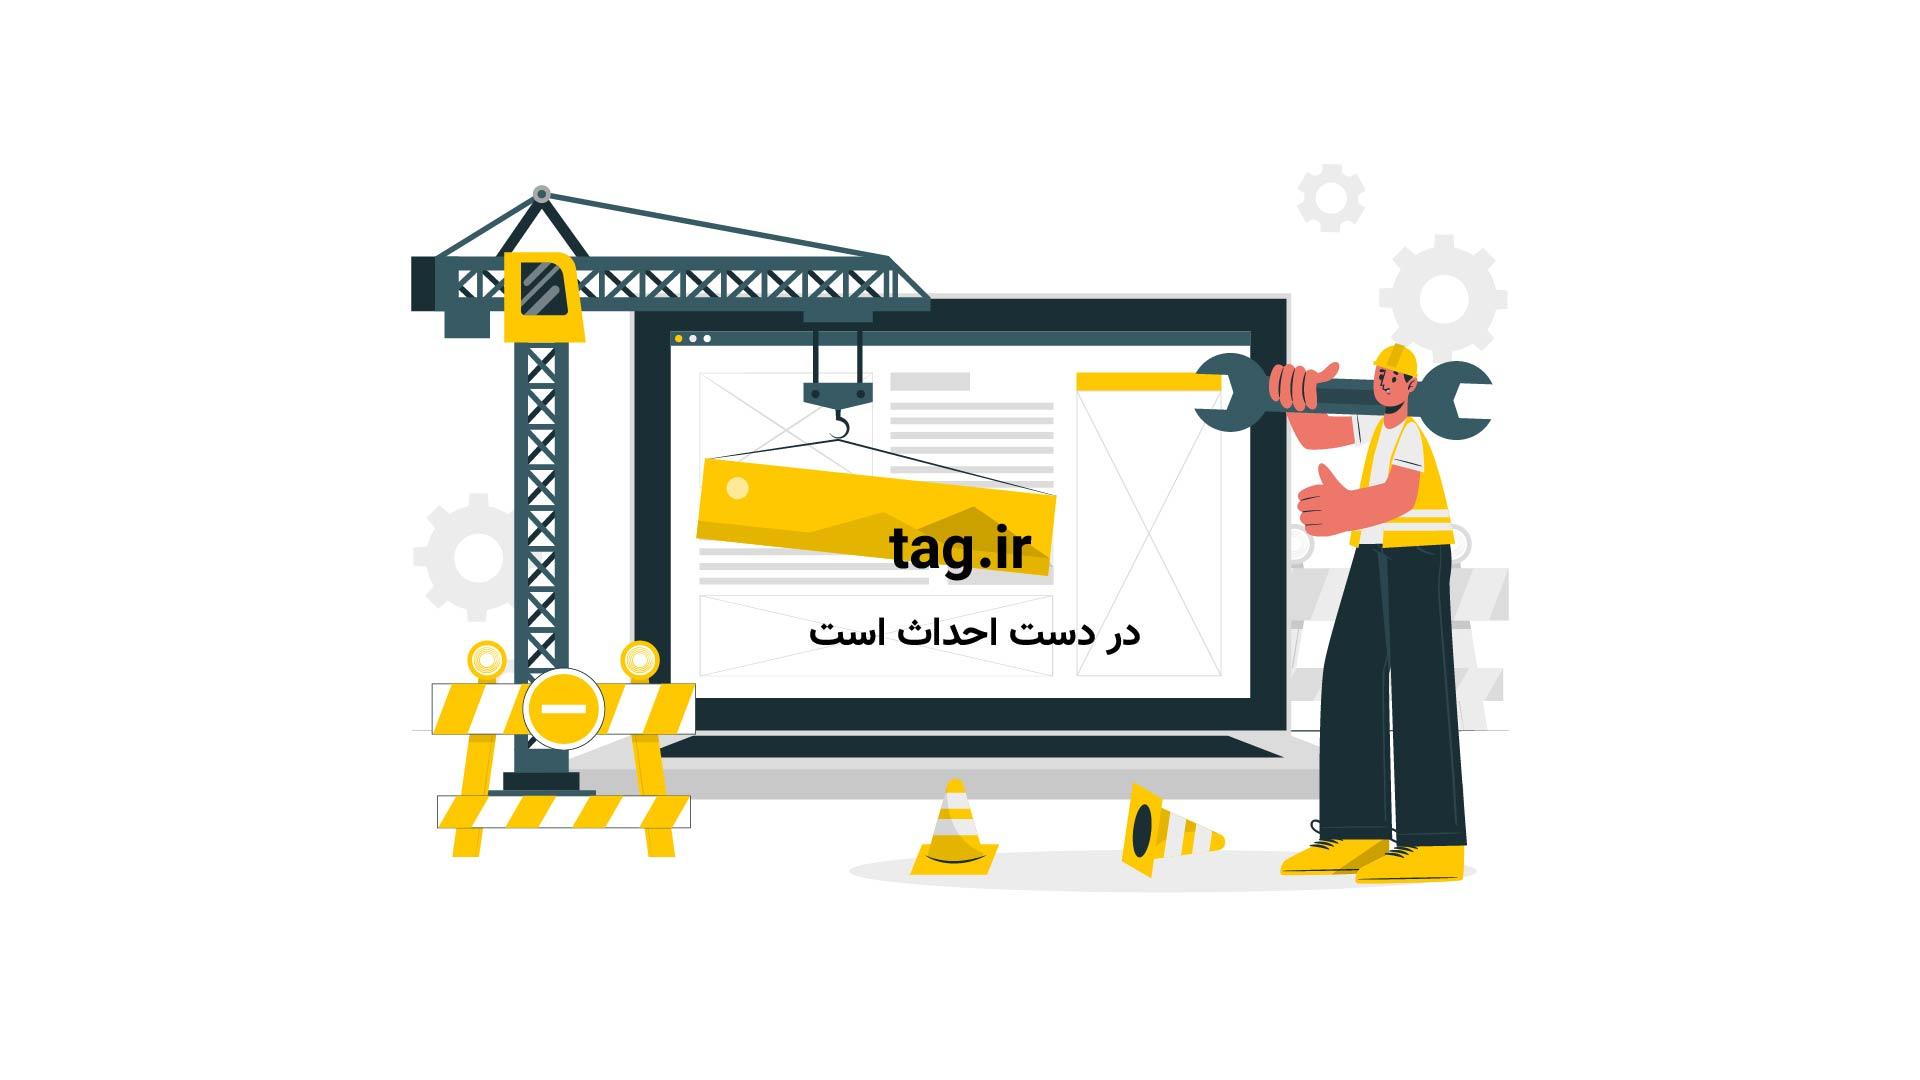 تصاویری از لحظات پس از انفجار خودرو بمب گذاری شده در چابهار   فیلم